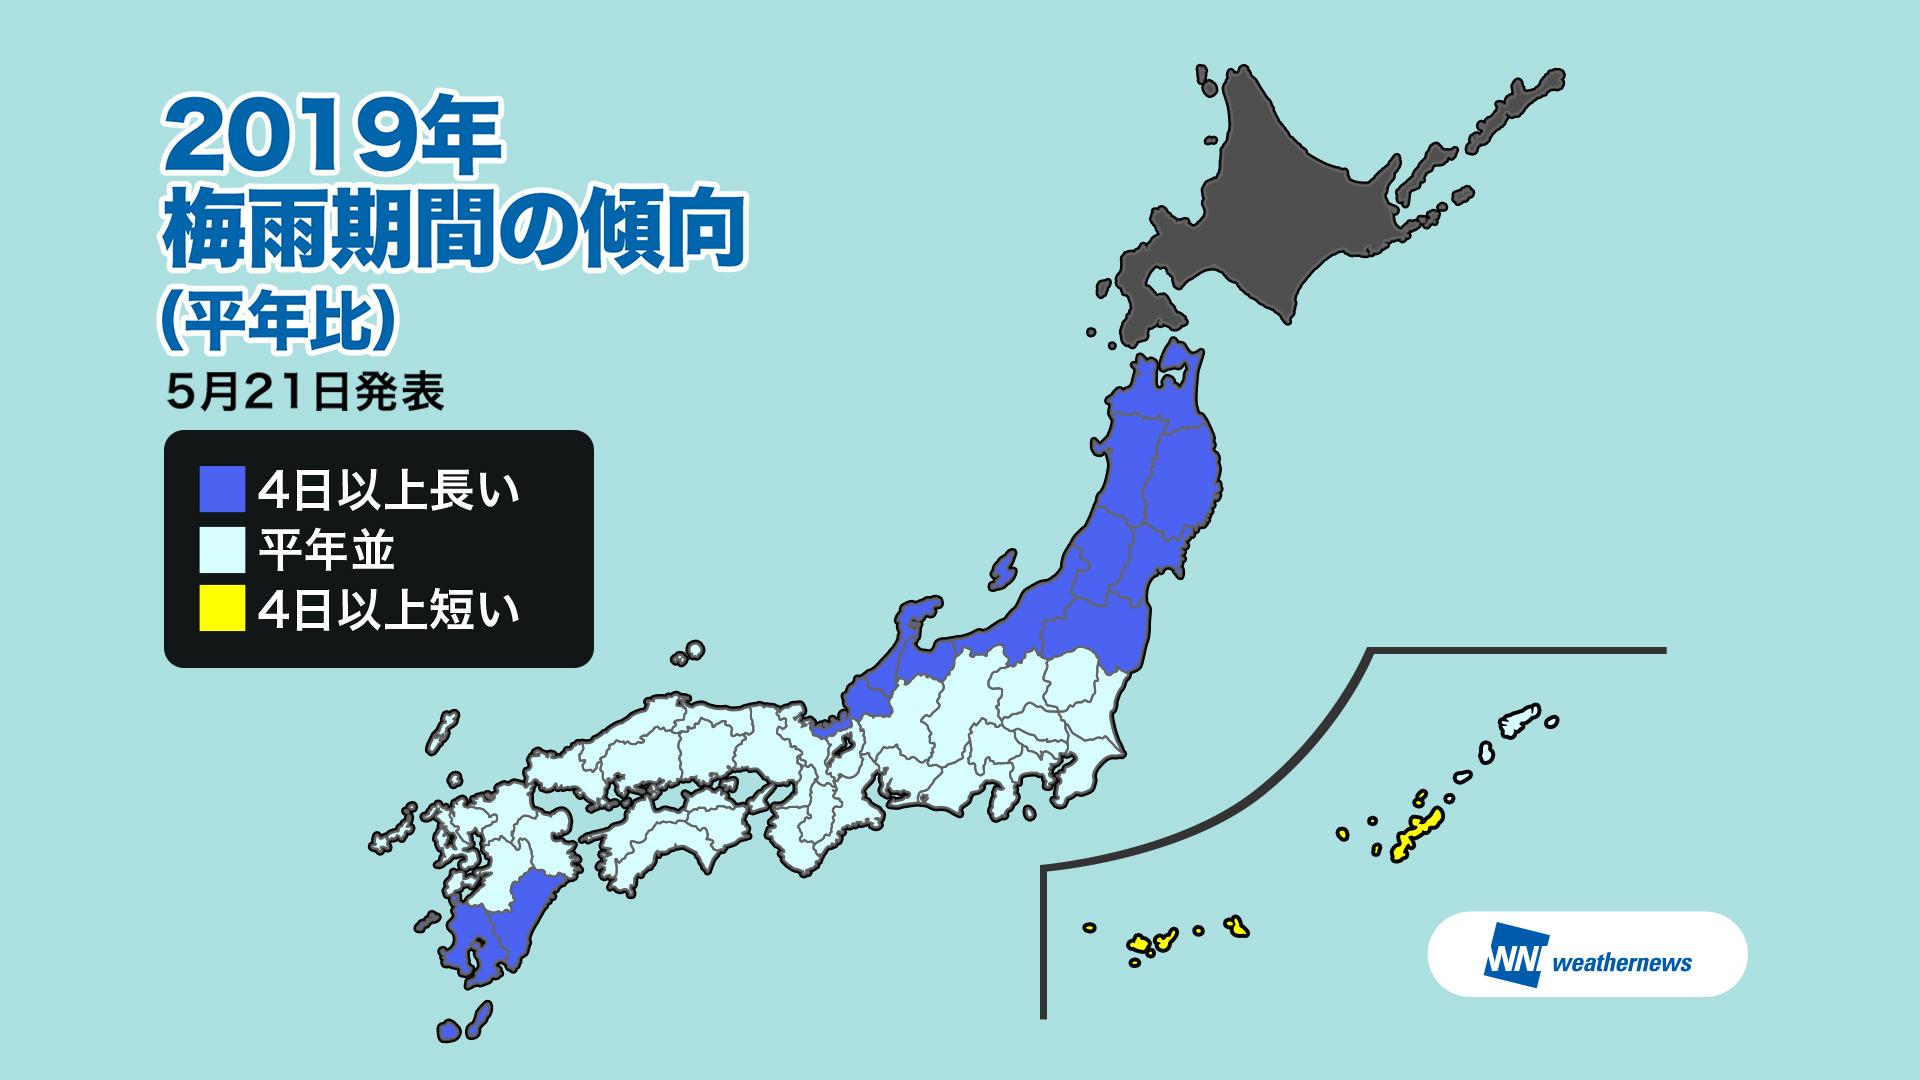 東海 地方 梅雨 明け 2019